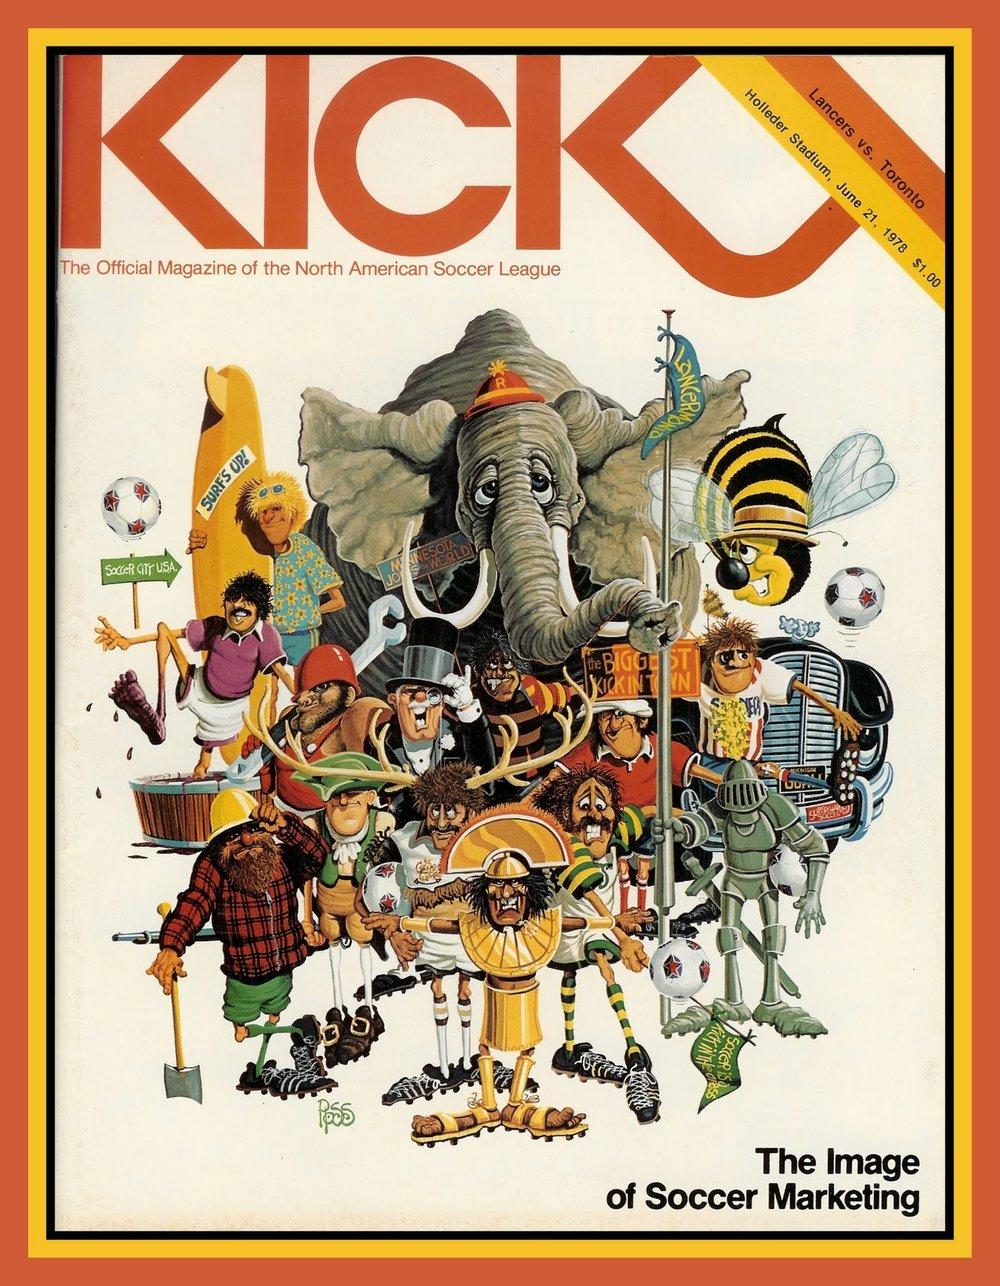 kickross1978.jpg